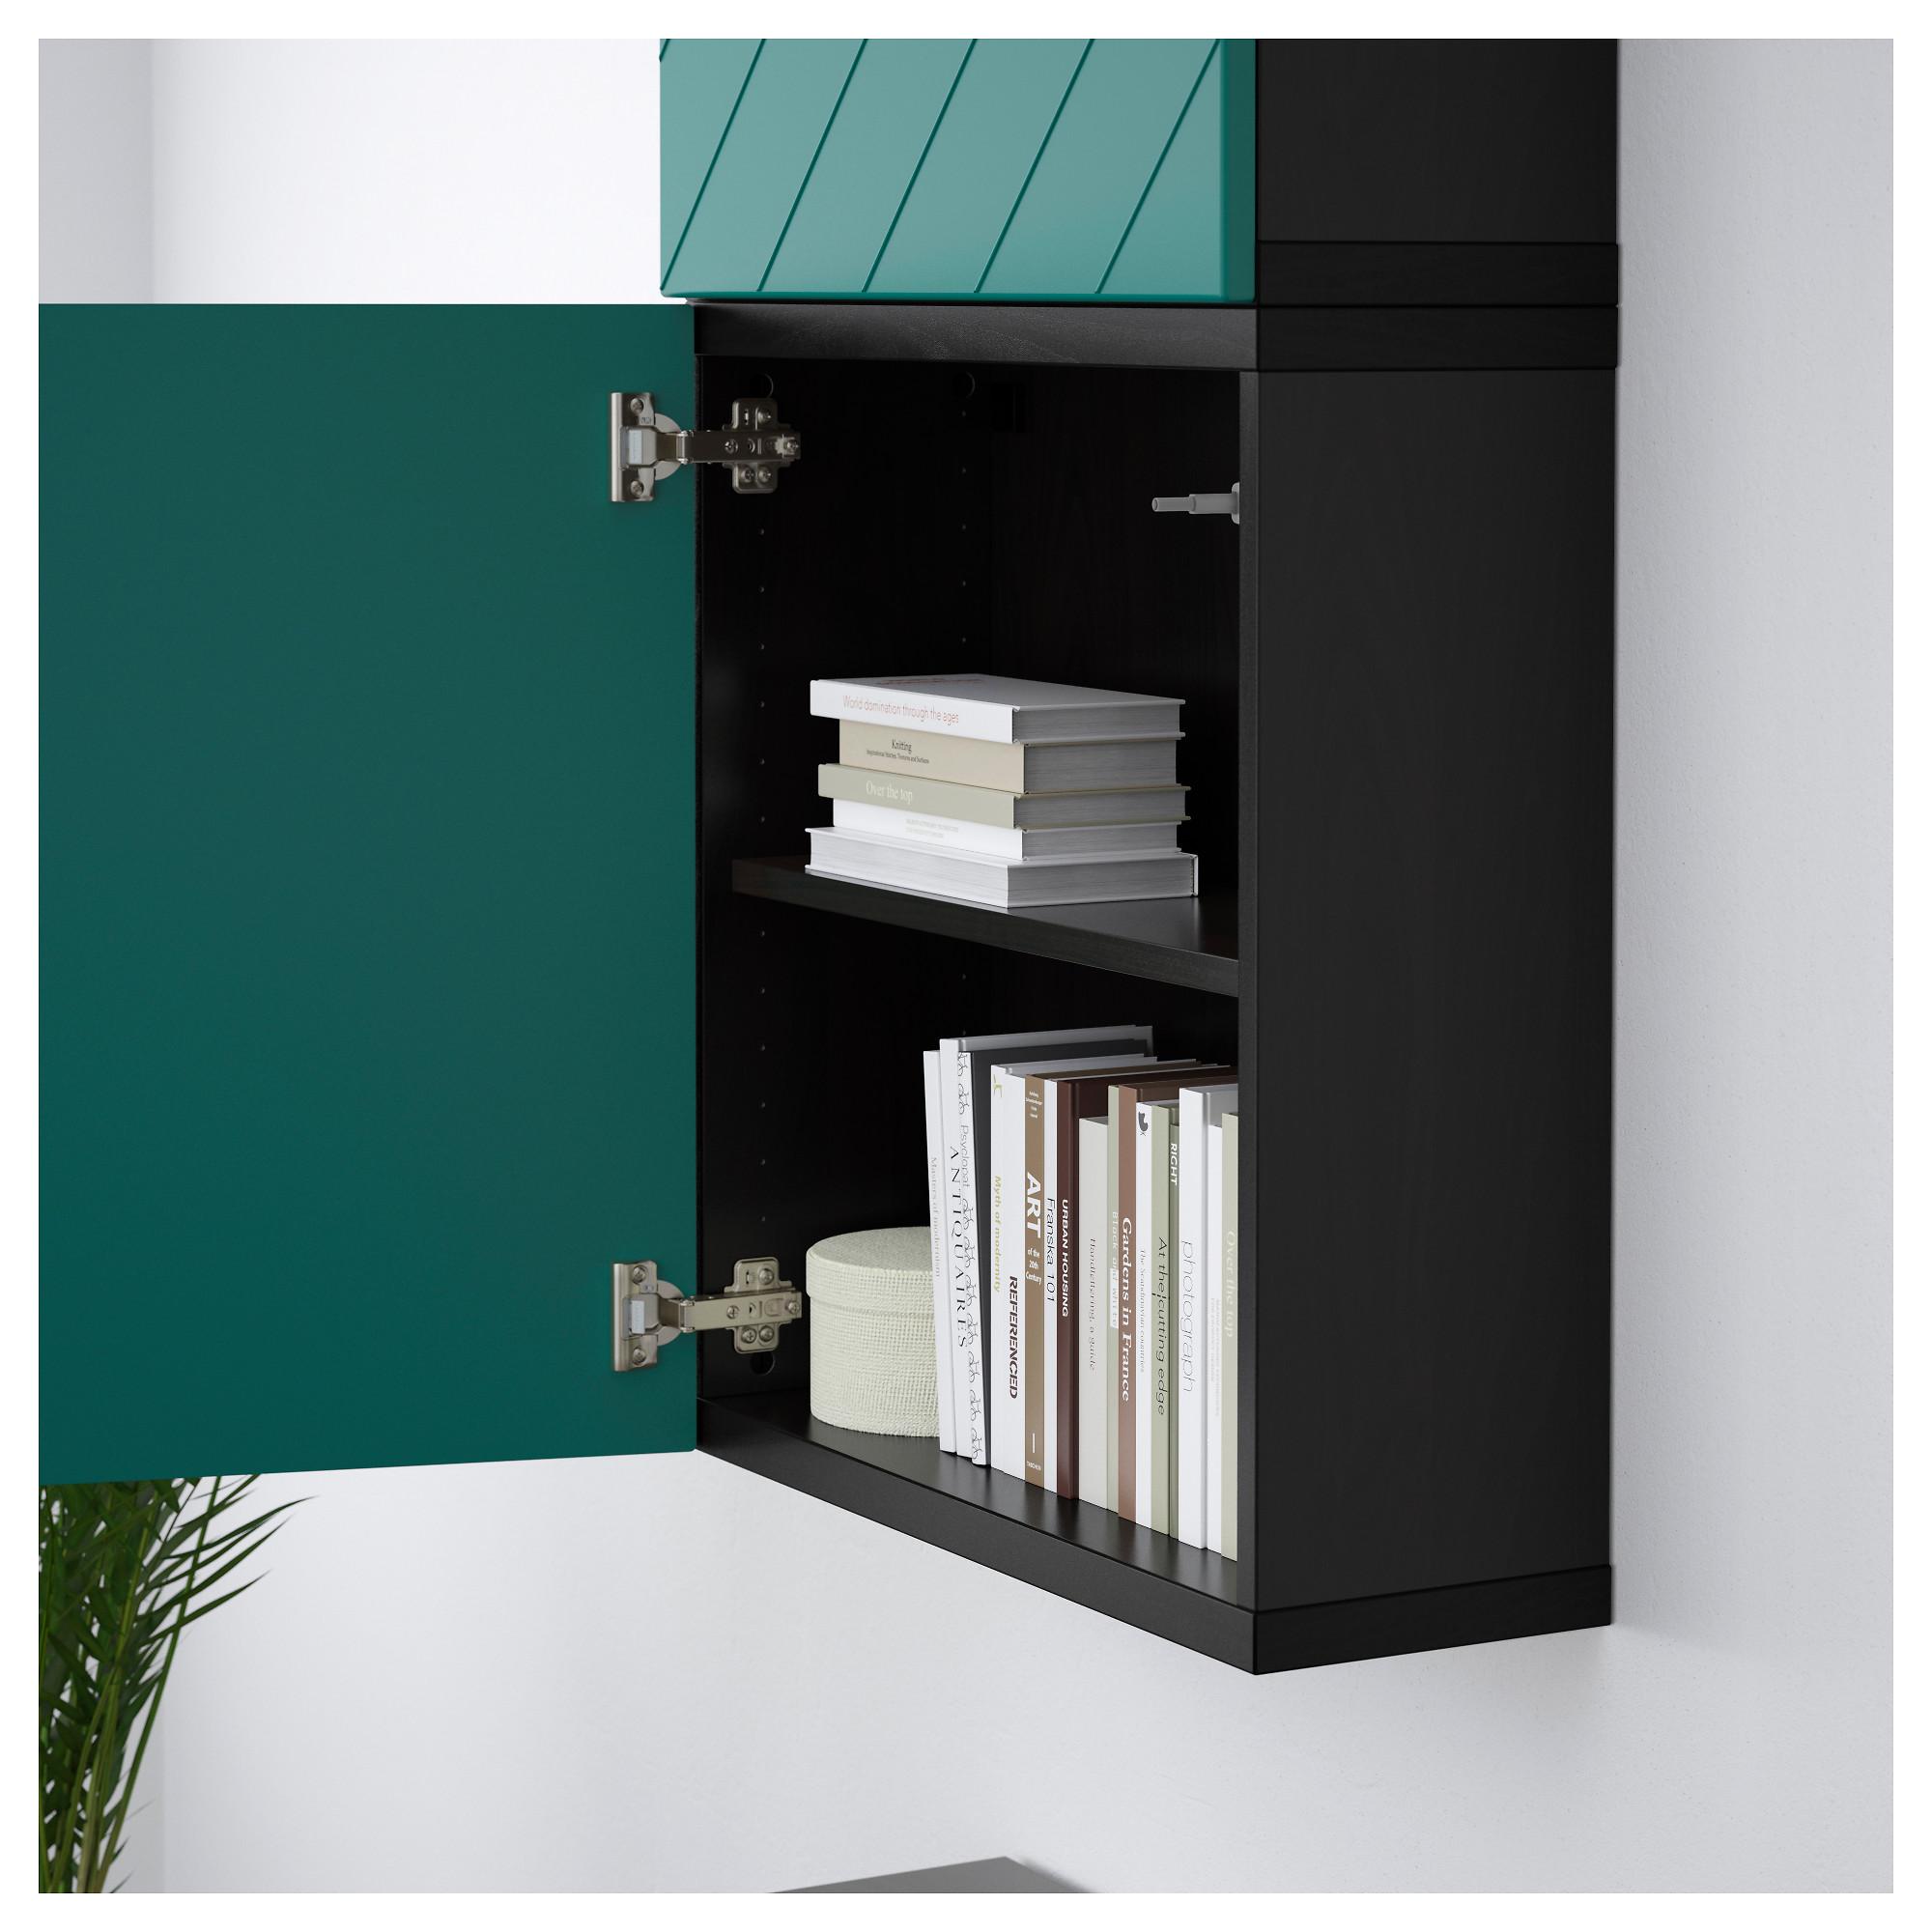 Навесной шкаф с 2 дверями БЕСТО сине-зеленый артикуль № 892.762.84 в наличии. Online магазин IKEA Беларусь. Недорогая доставка и соборка.